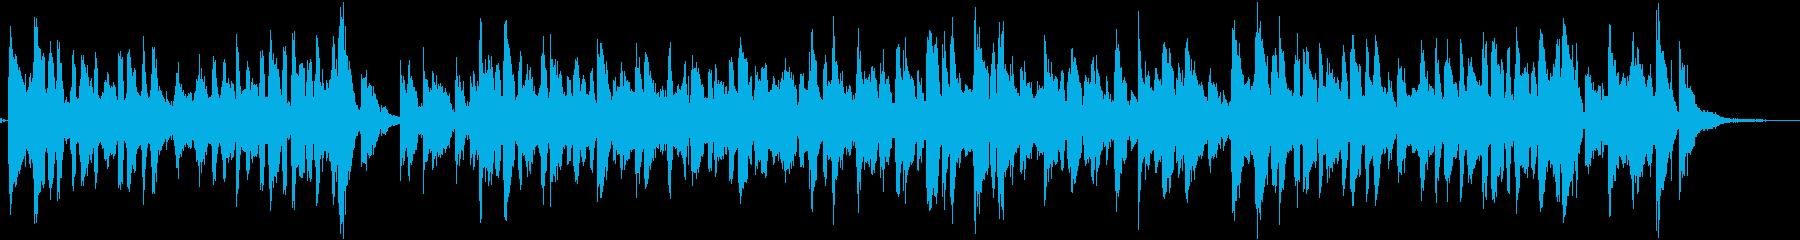 ヒラメをテーマにした楽曲の再生済みの波形